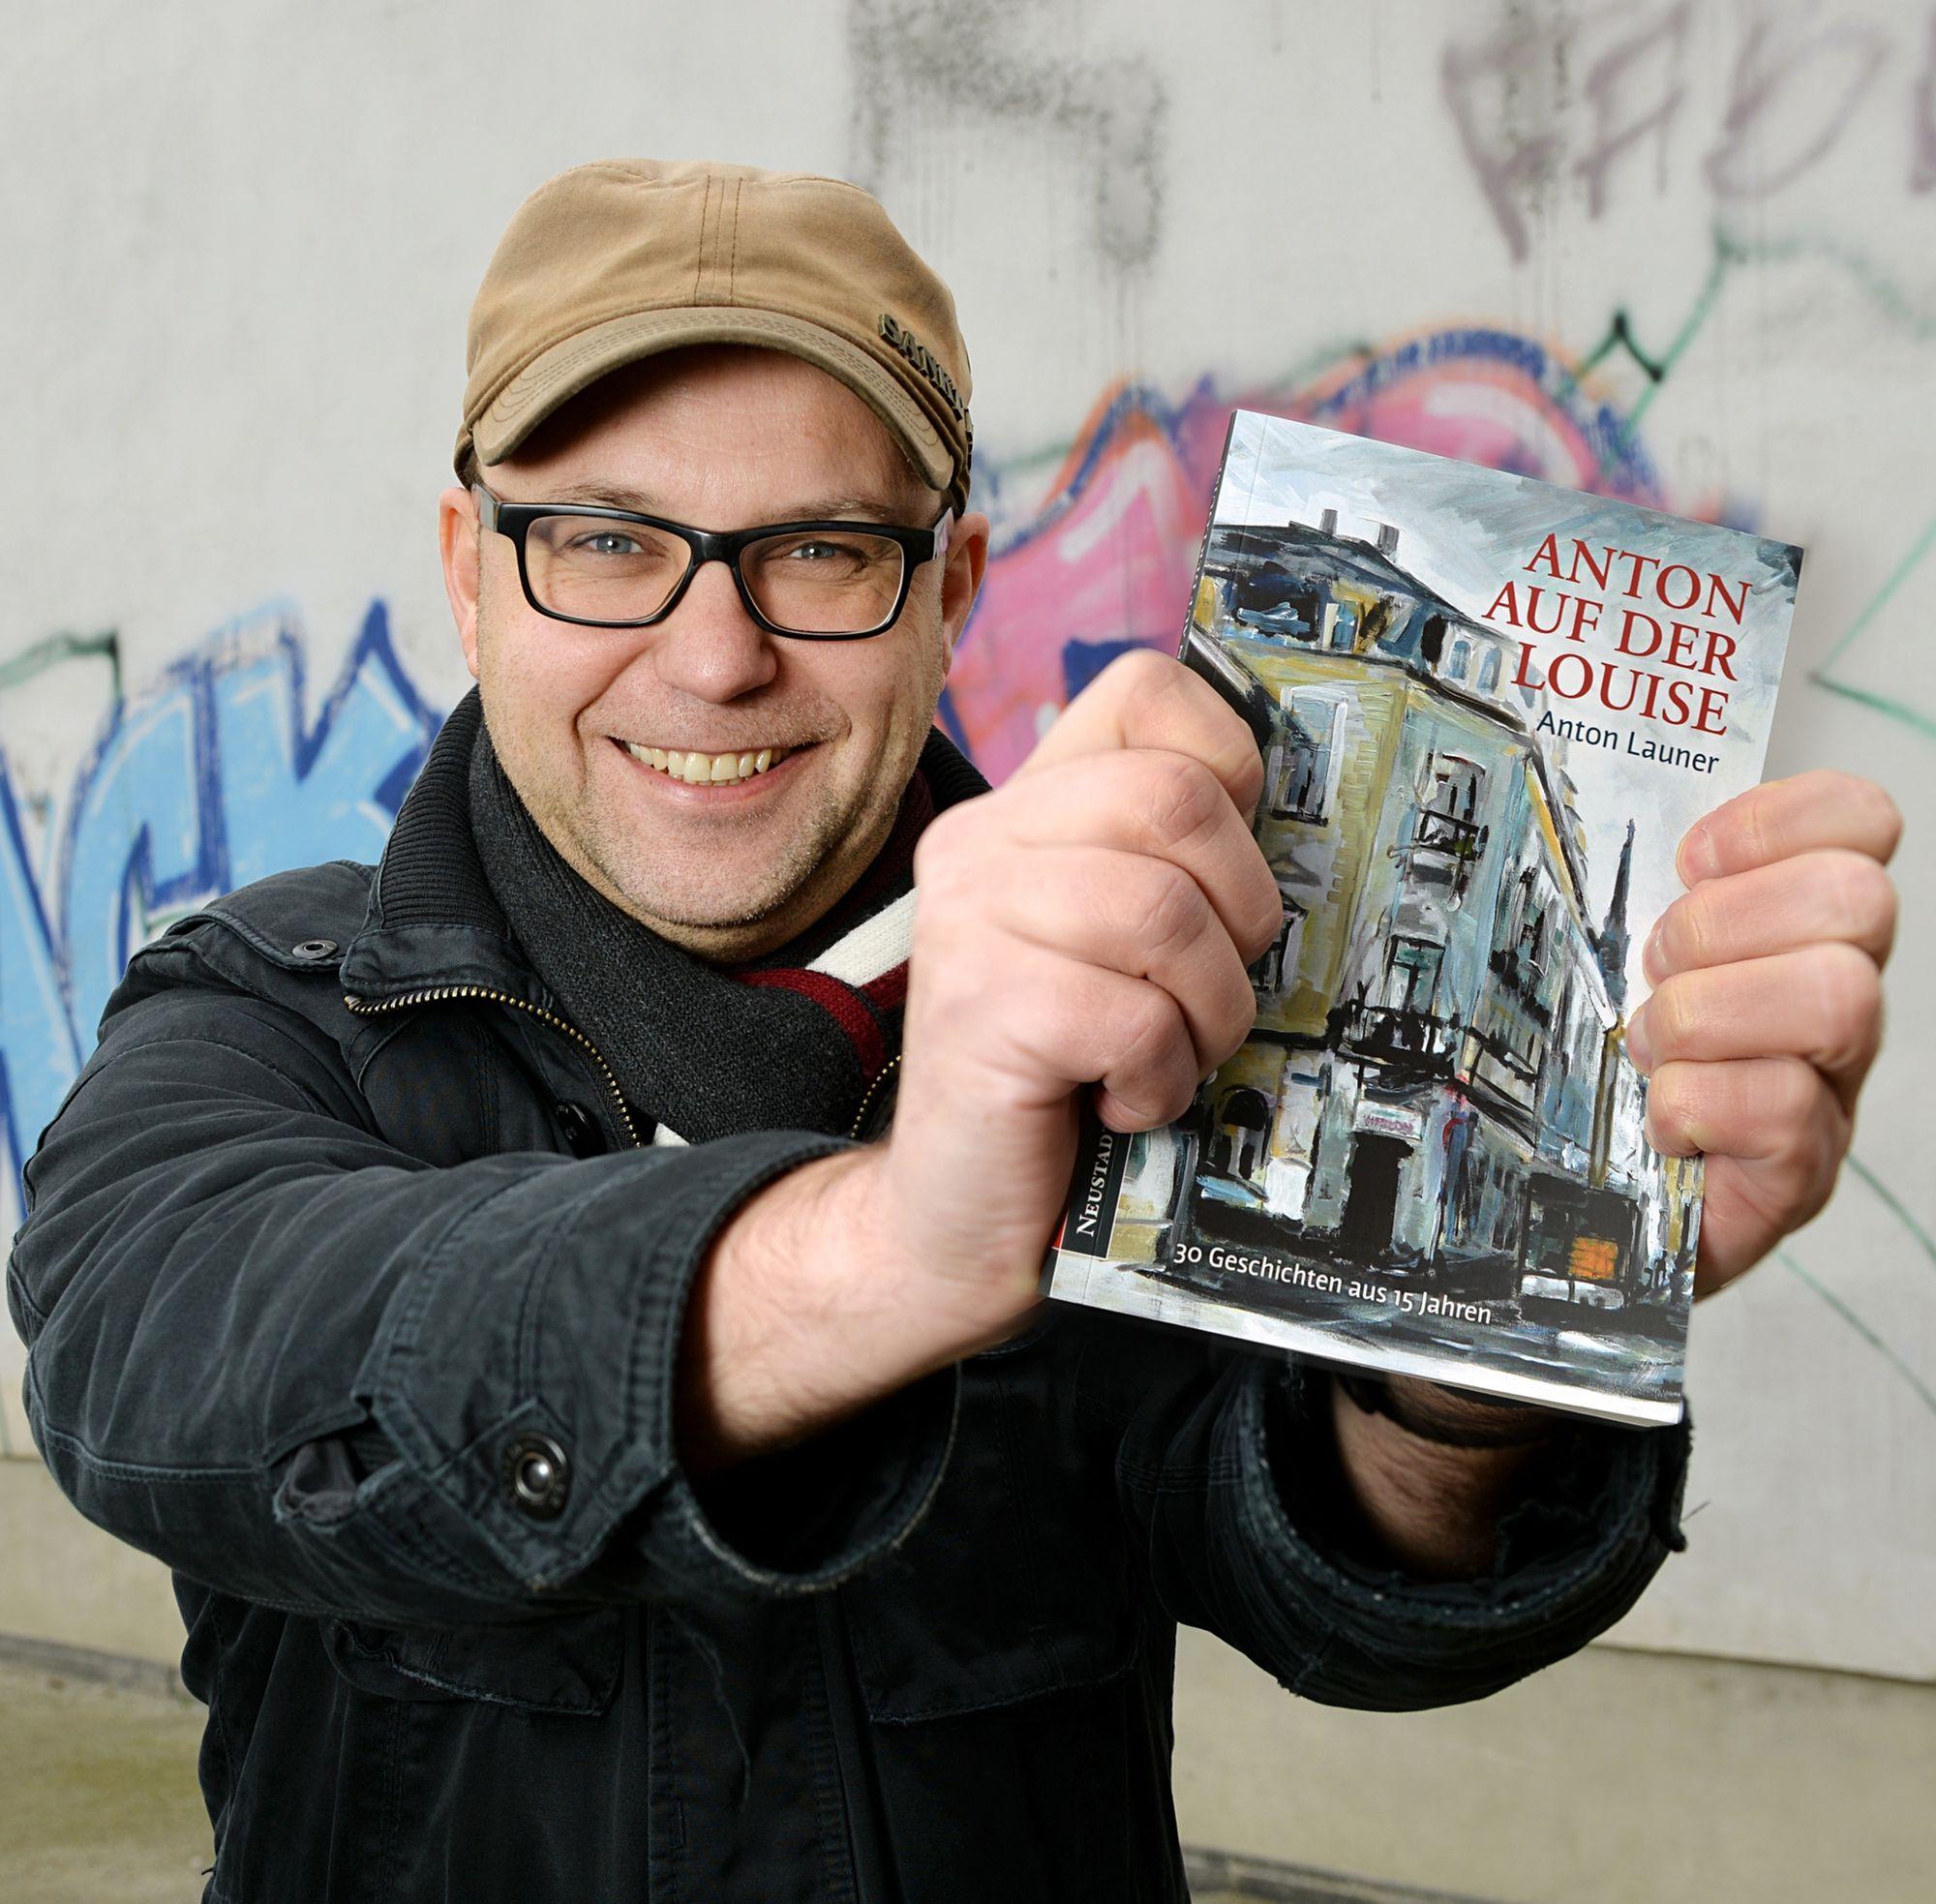 """""""Anton auf der Louise"""" wird in der Markthalle signiert - Foto: Christian Juppe"""